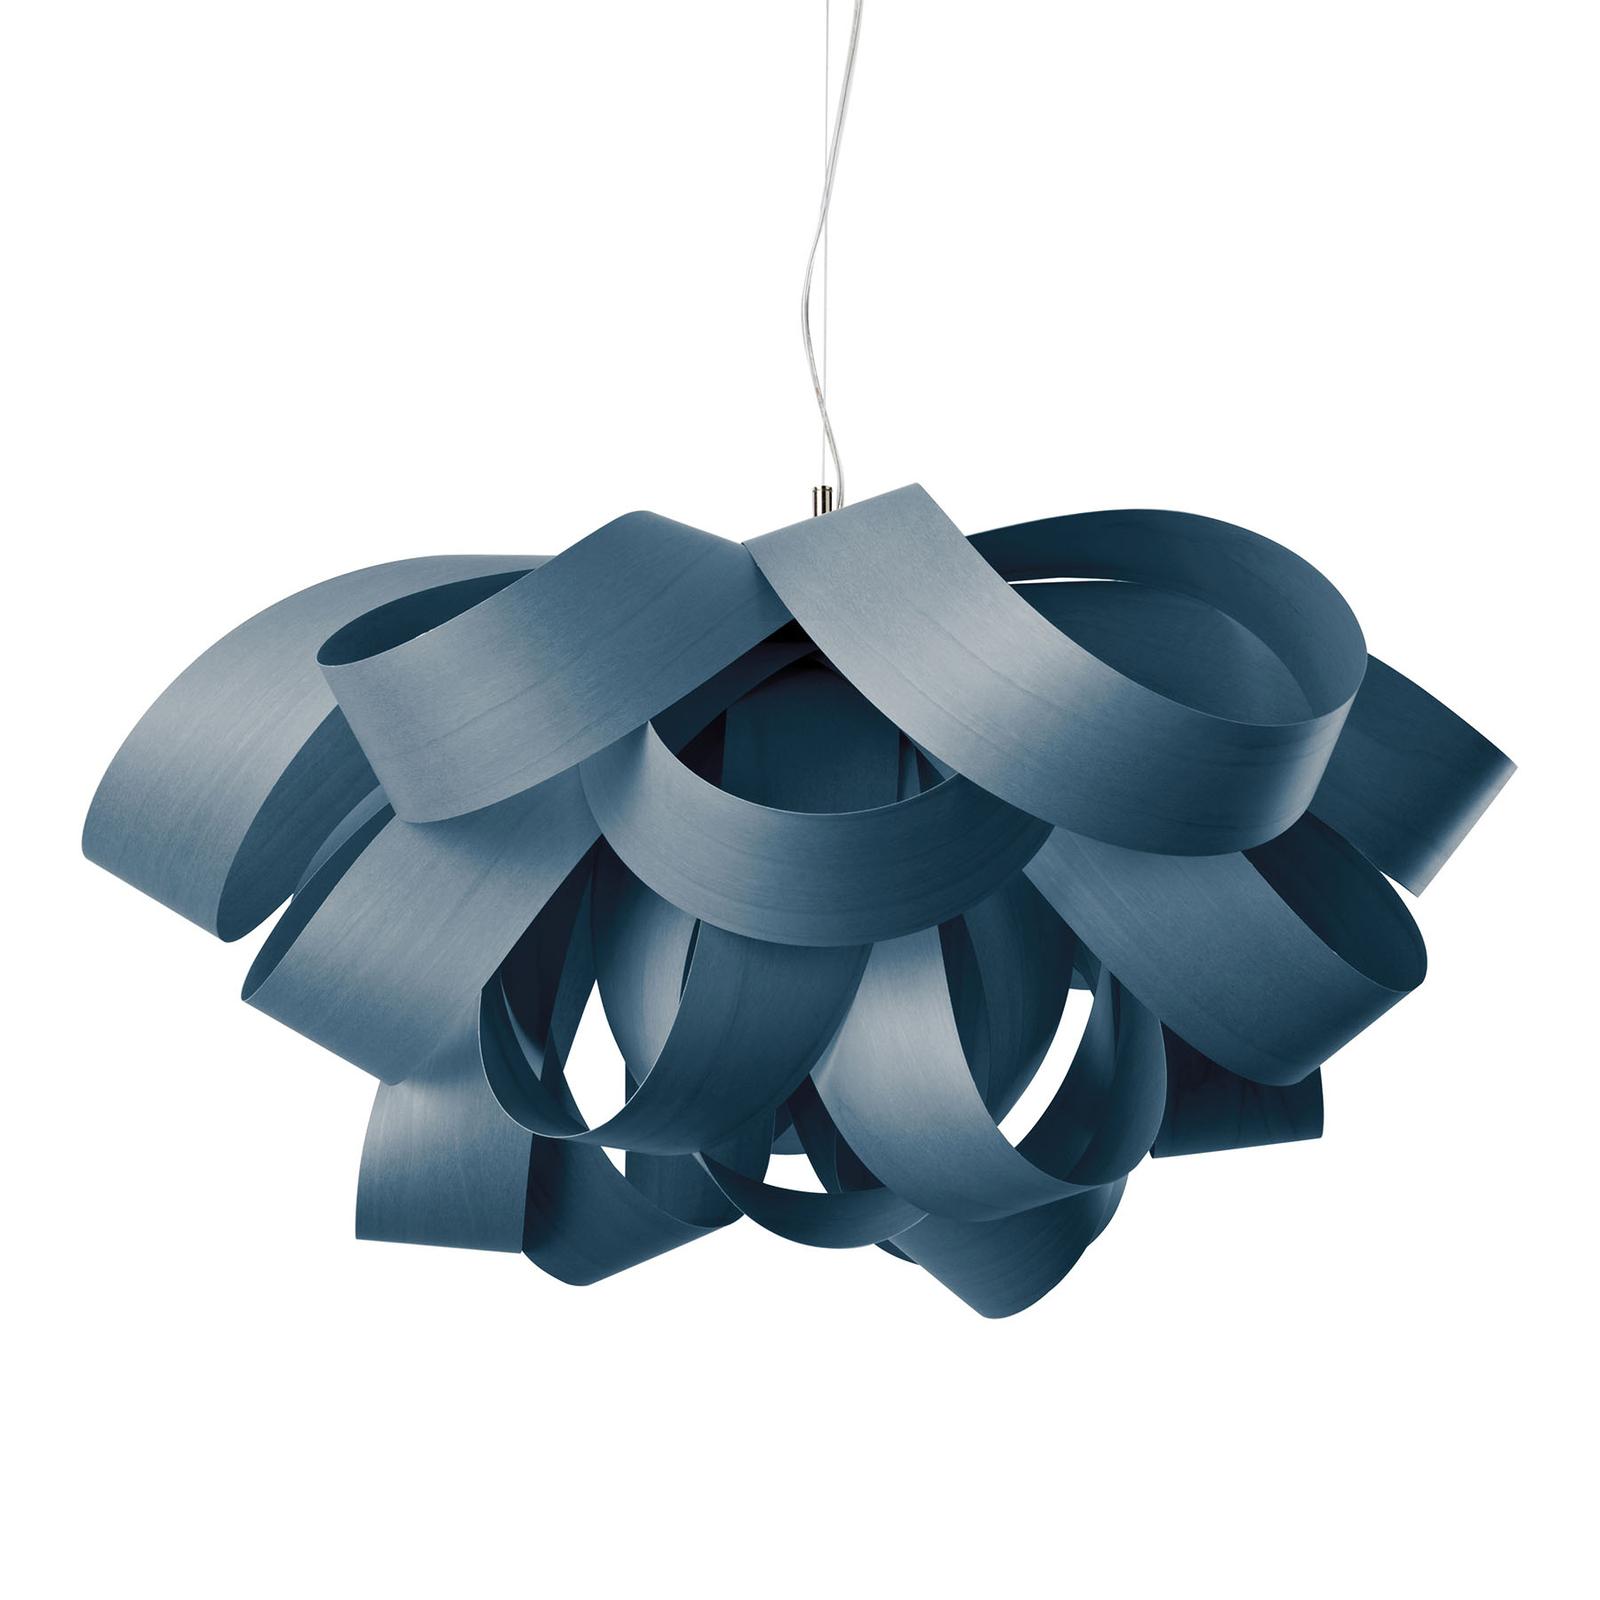 LZF Agatha Small hengelampe, 78x76cm, blå